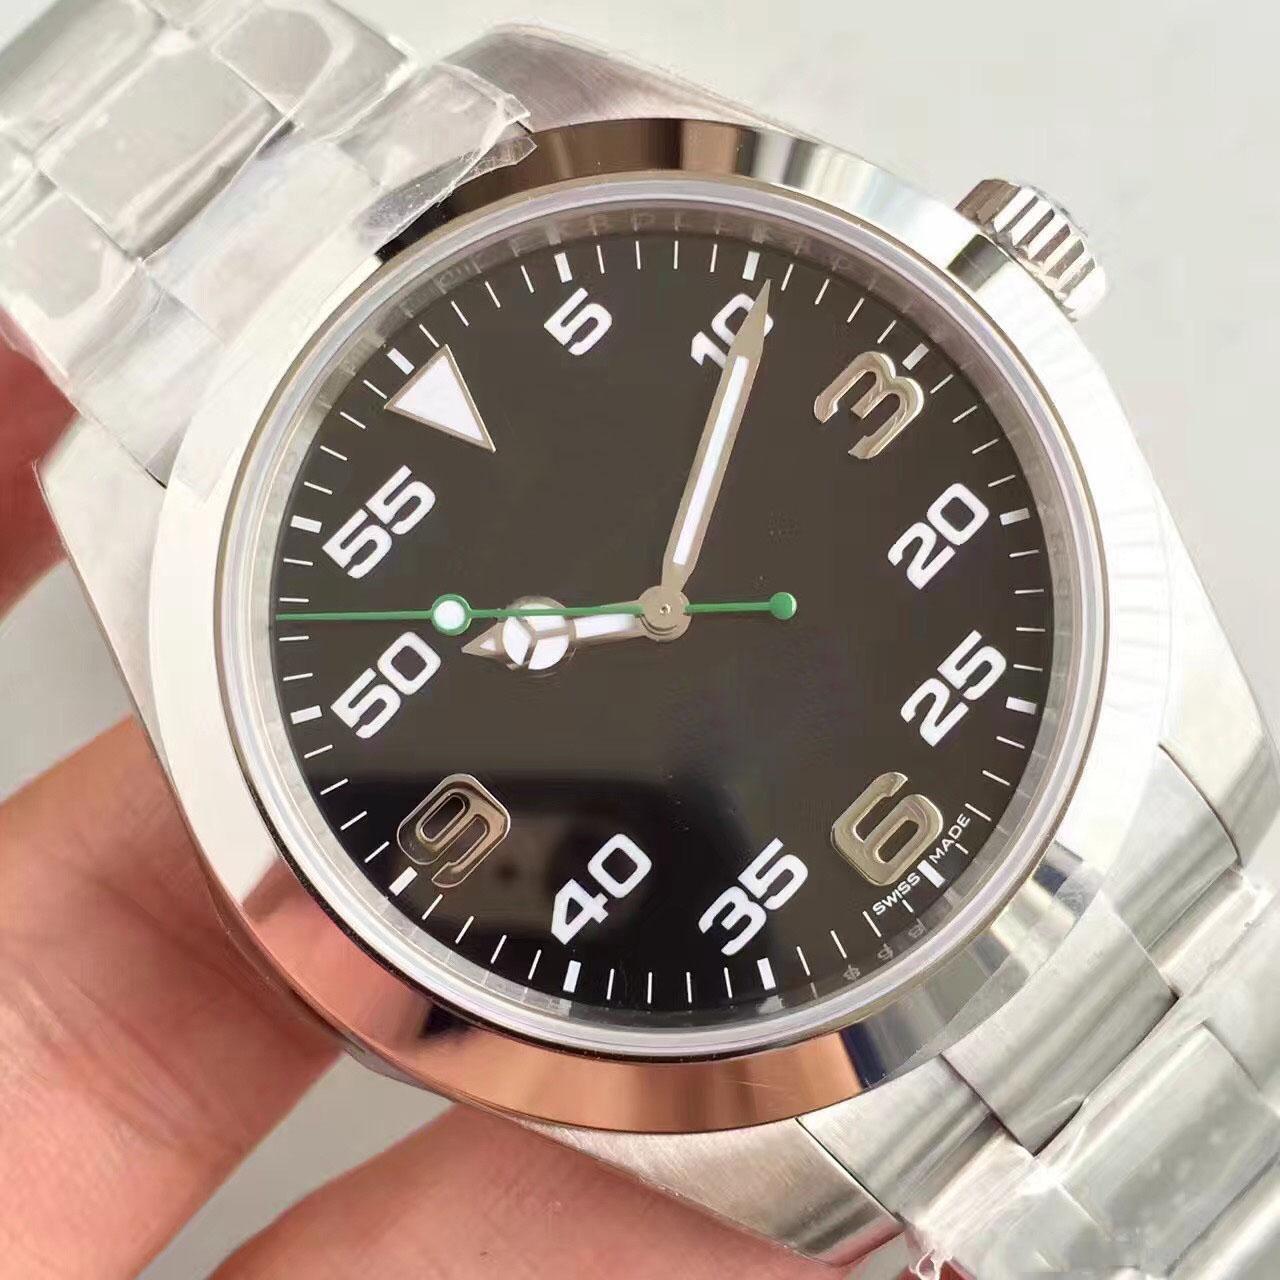 Noticias de la llegada mejores hombres clásicos de venta del Mens del reloj de la correa de acero AIR-KING 40MM negro grande de cristal de zafiro de línea automático movimiento reloj 316